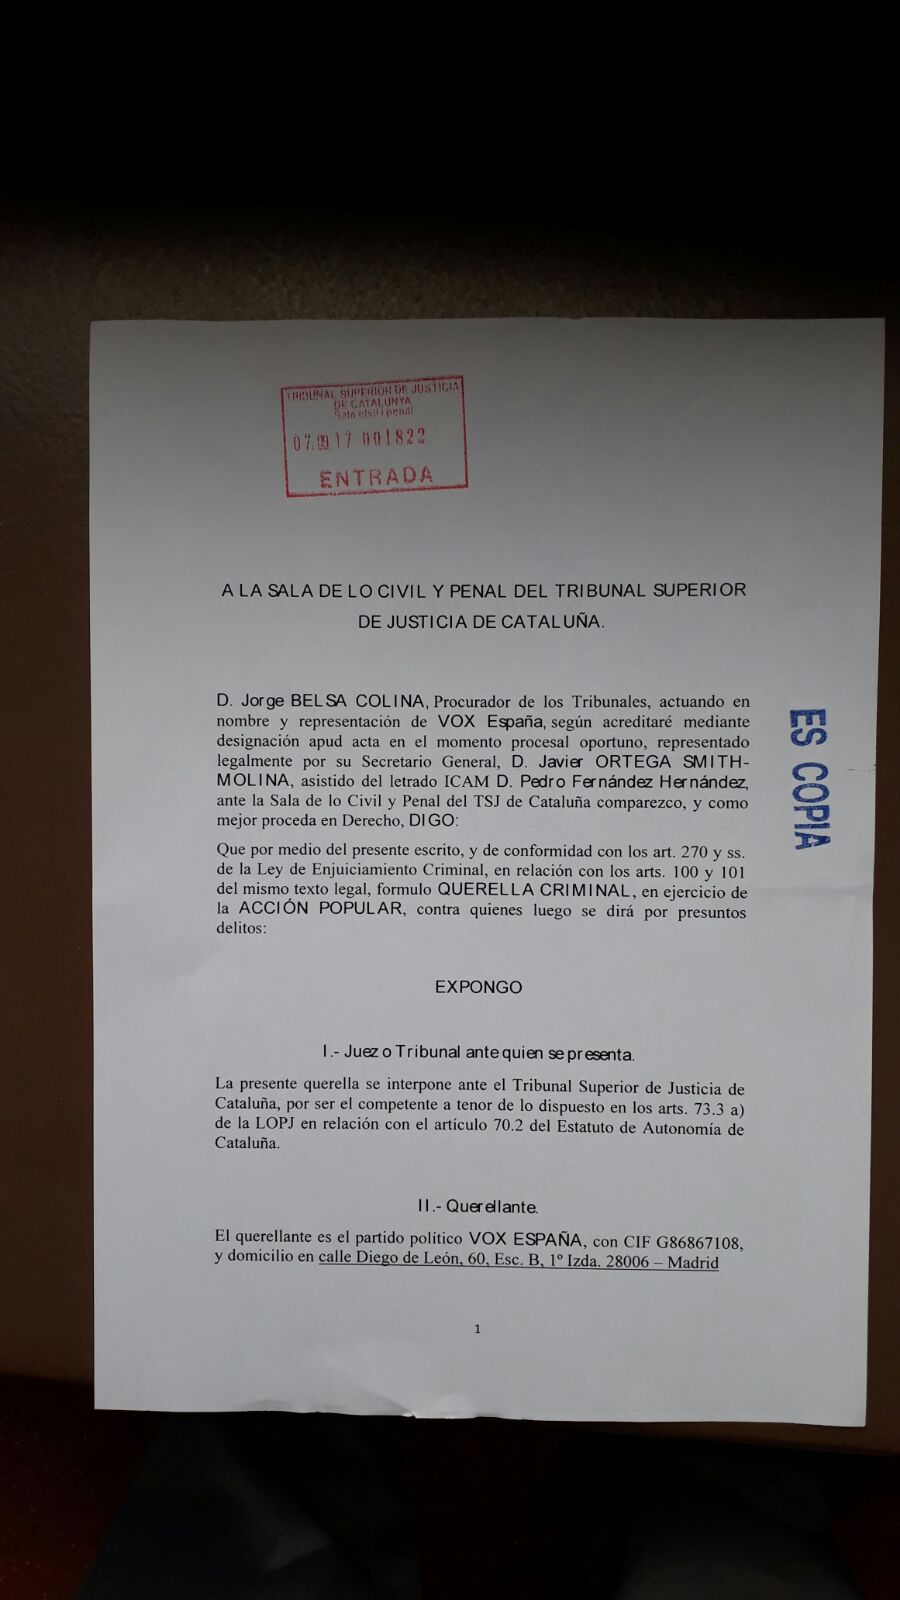 VOX solicita al juez la detención inmediata y sin fianza de Puigdemont y Forcadell